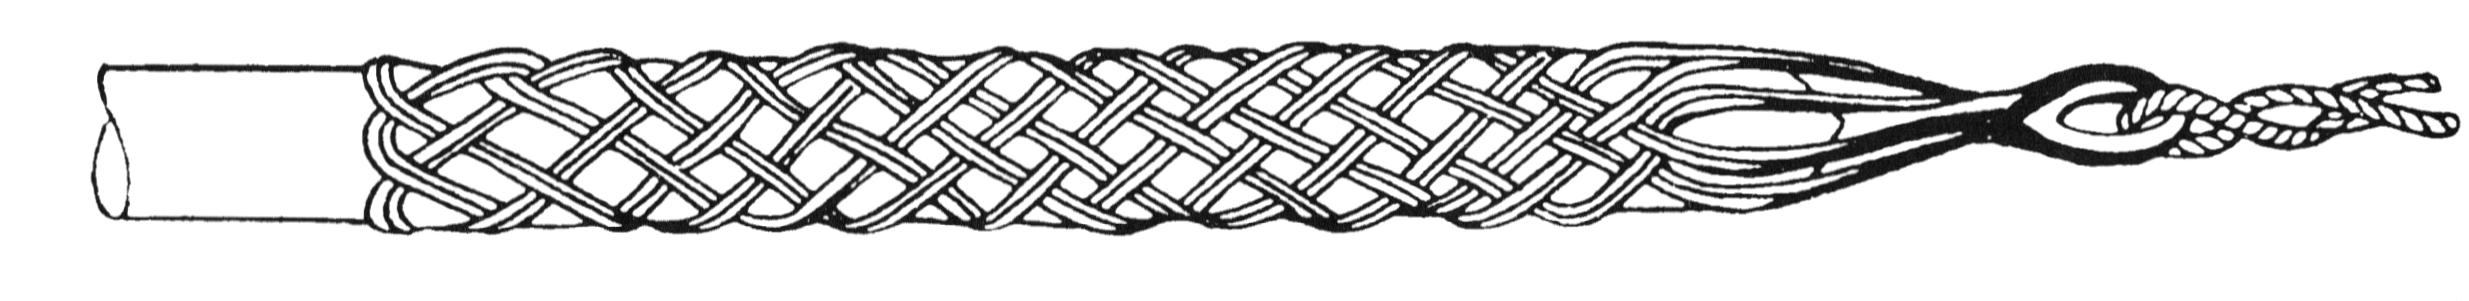 Тяжение кабеля кабельным чулком.